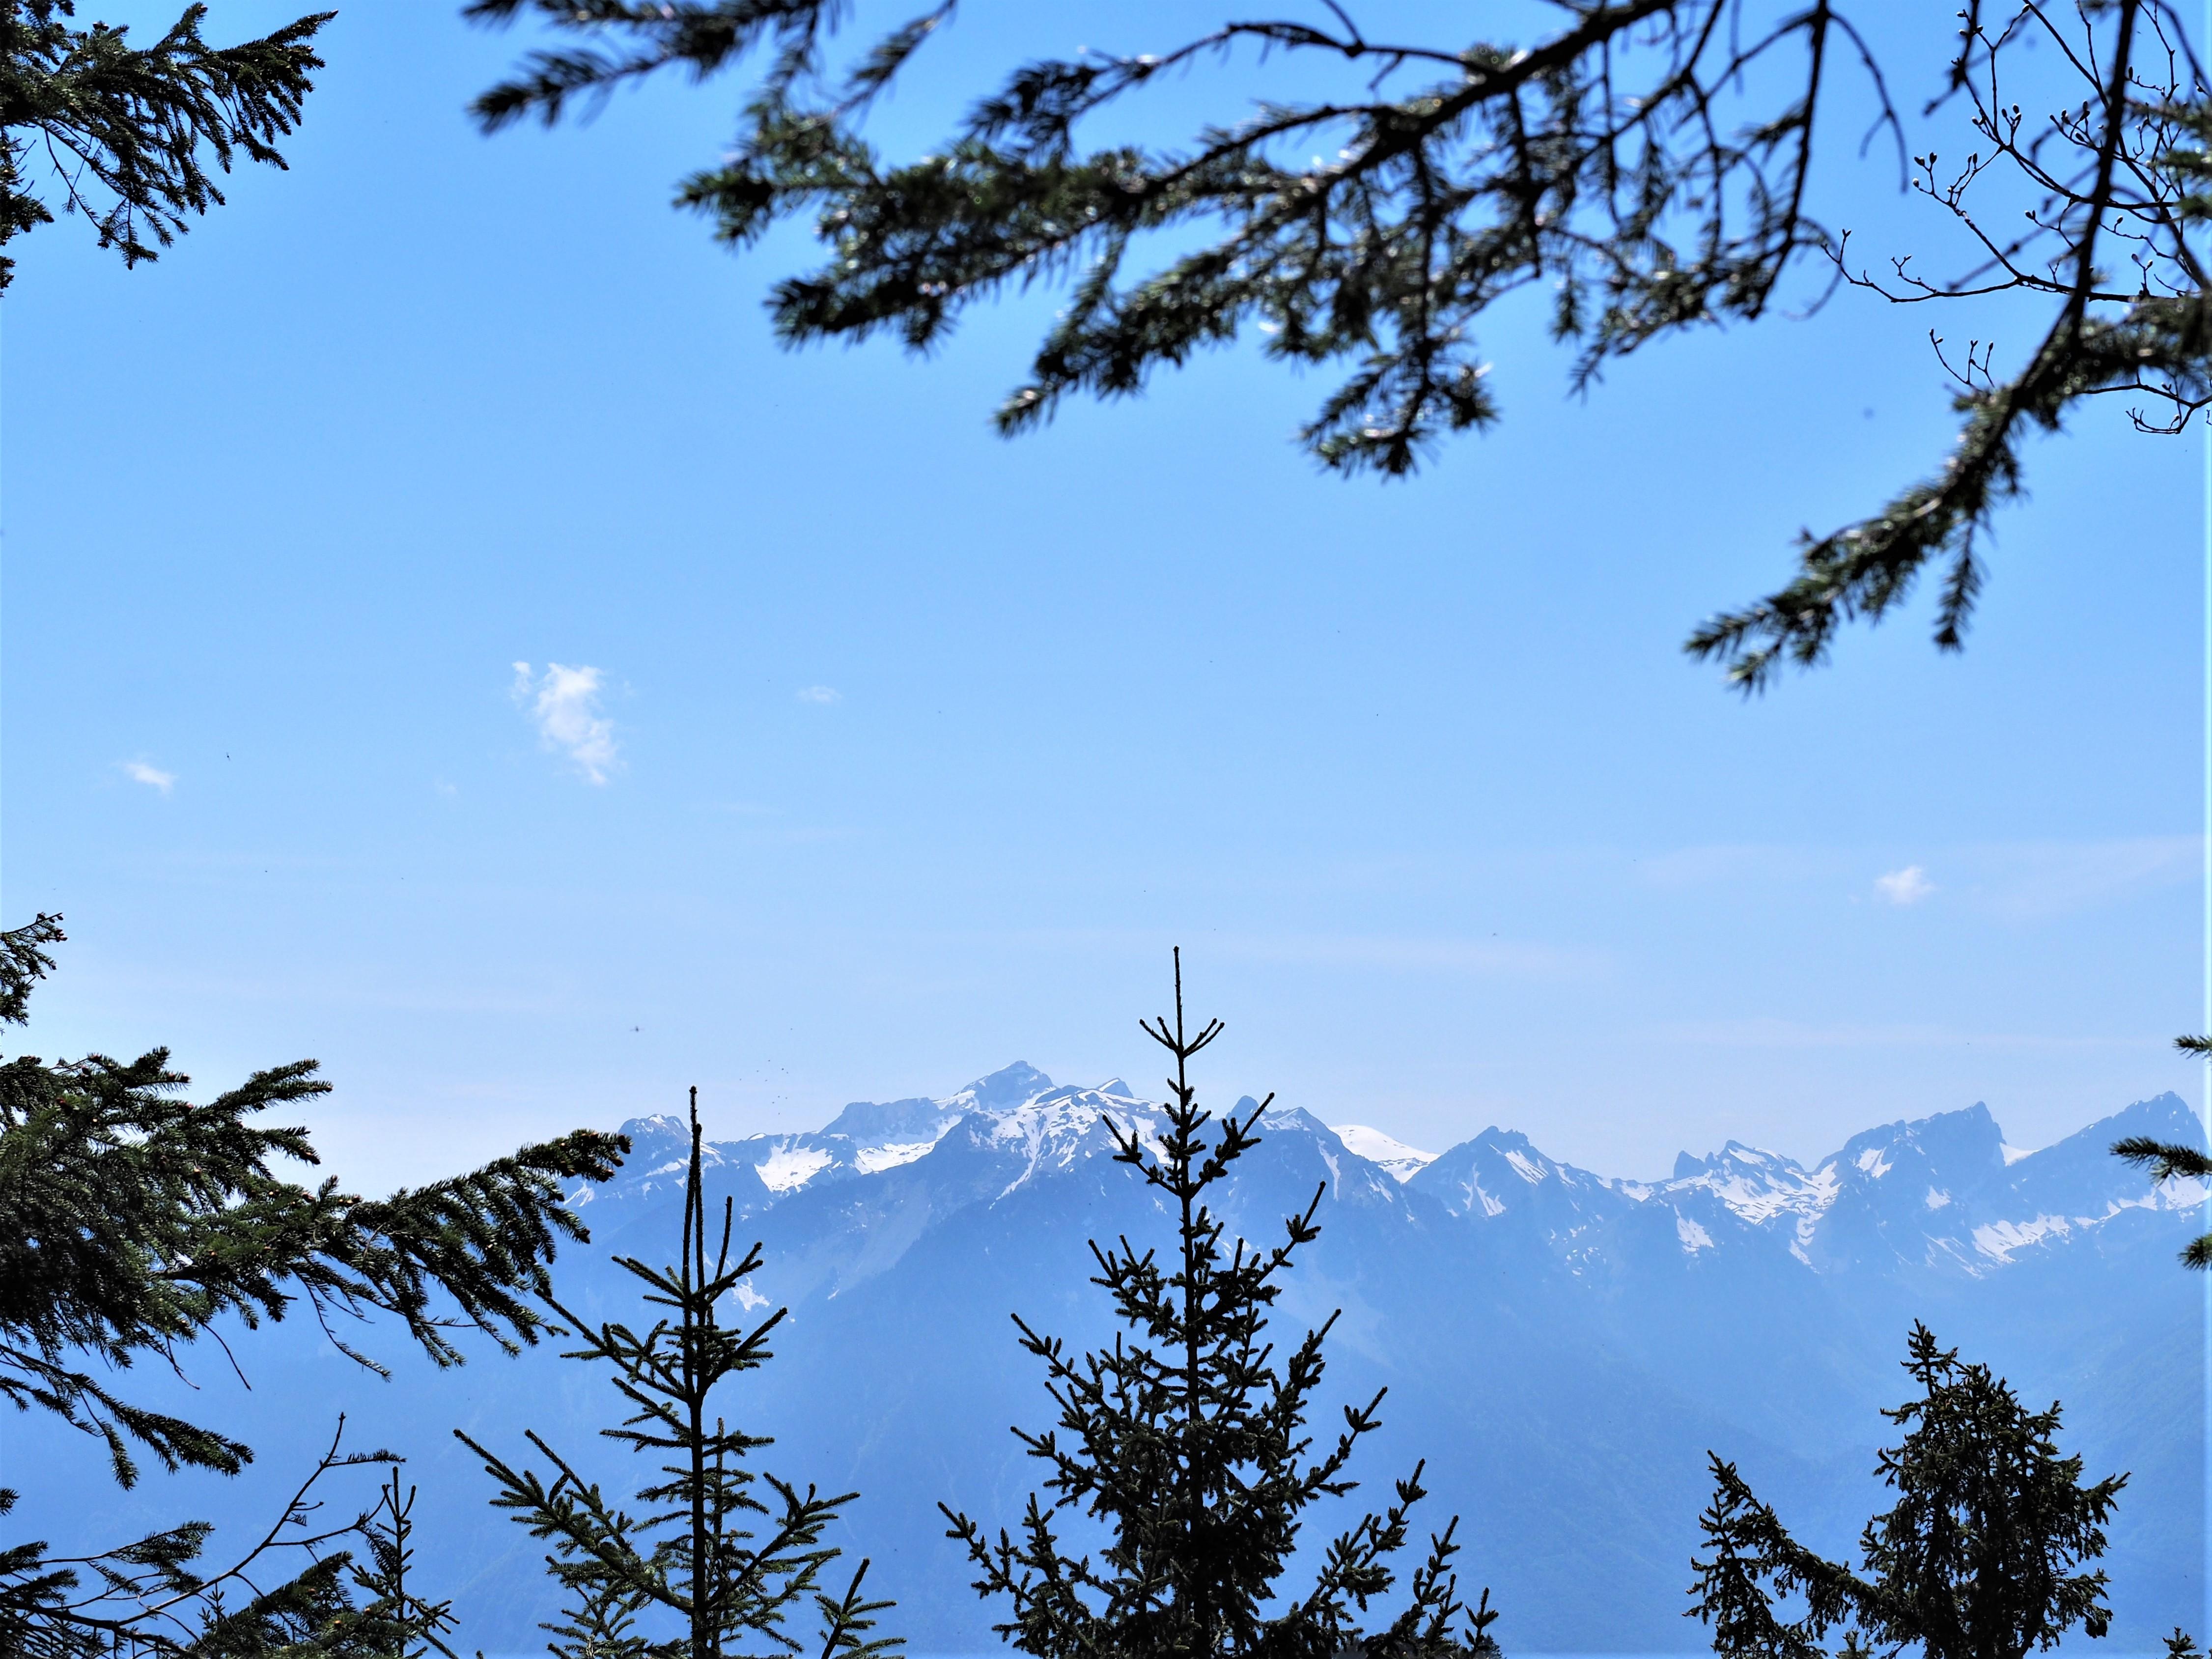 Clioandco BLog voyage Lausanne randonnée Suisse